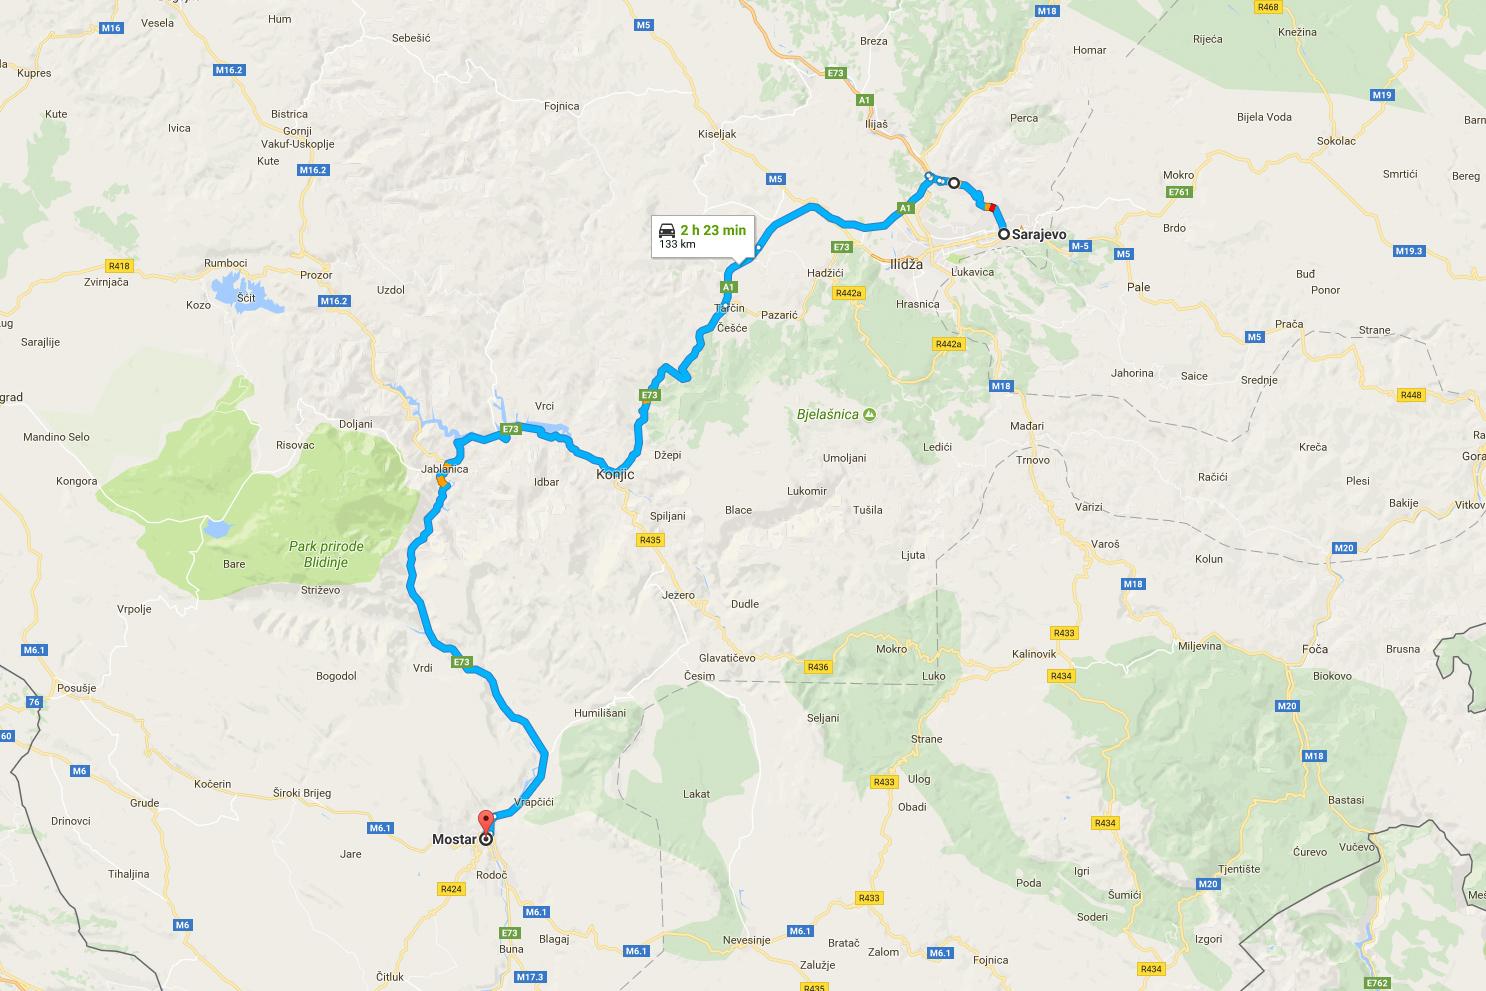 Vägen mellan Sarajevo och Mostar